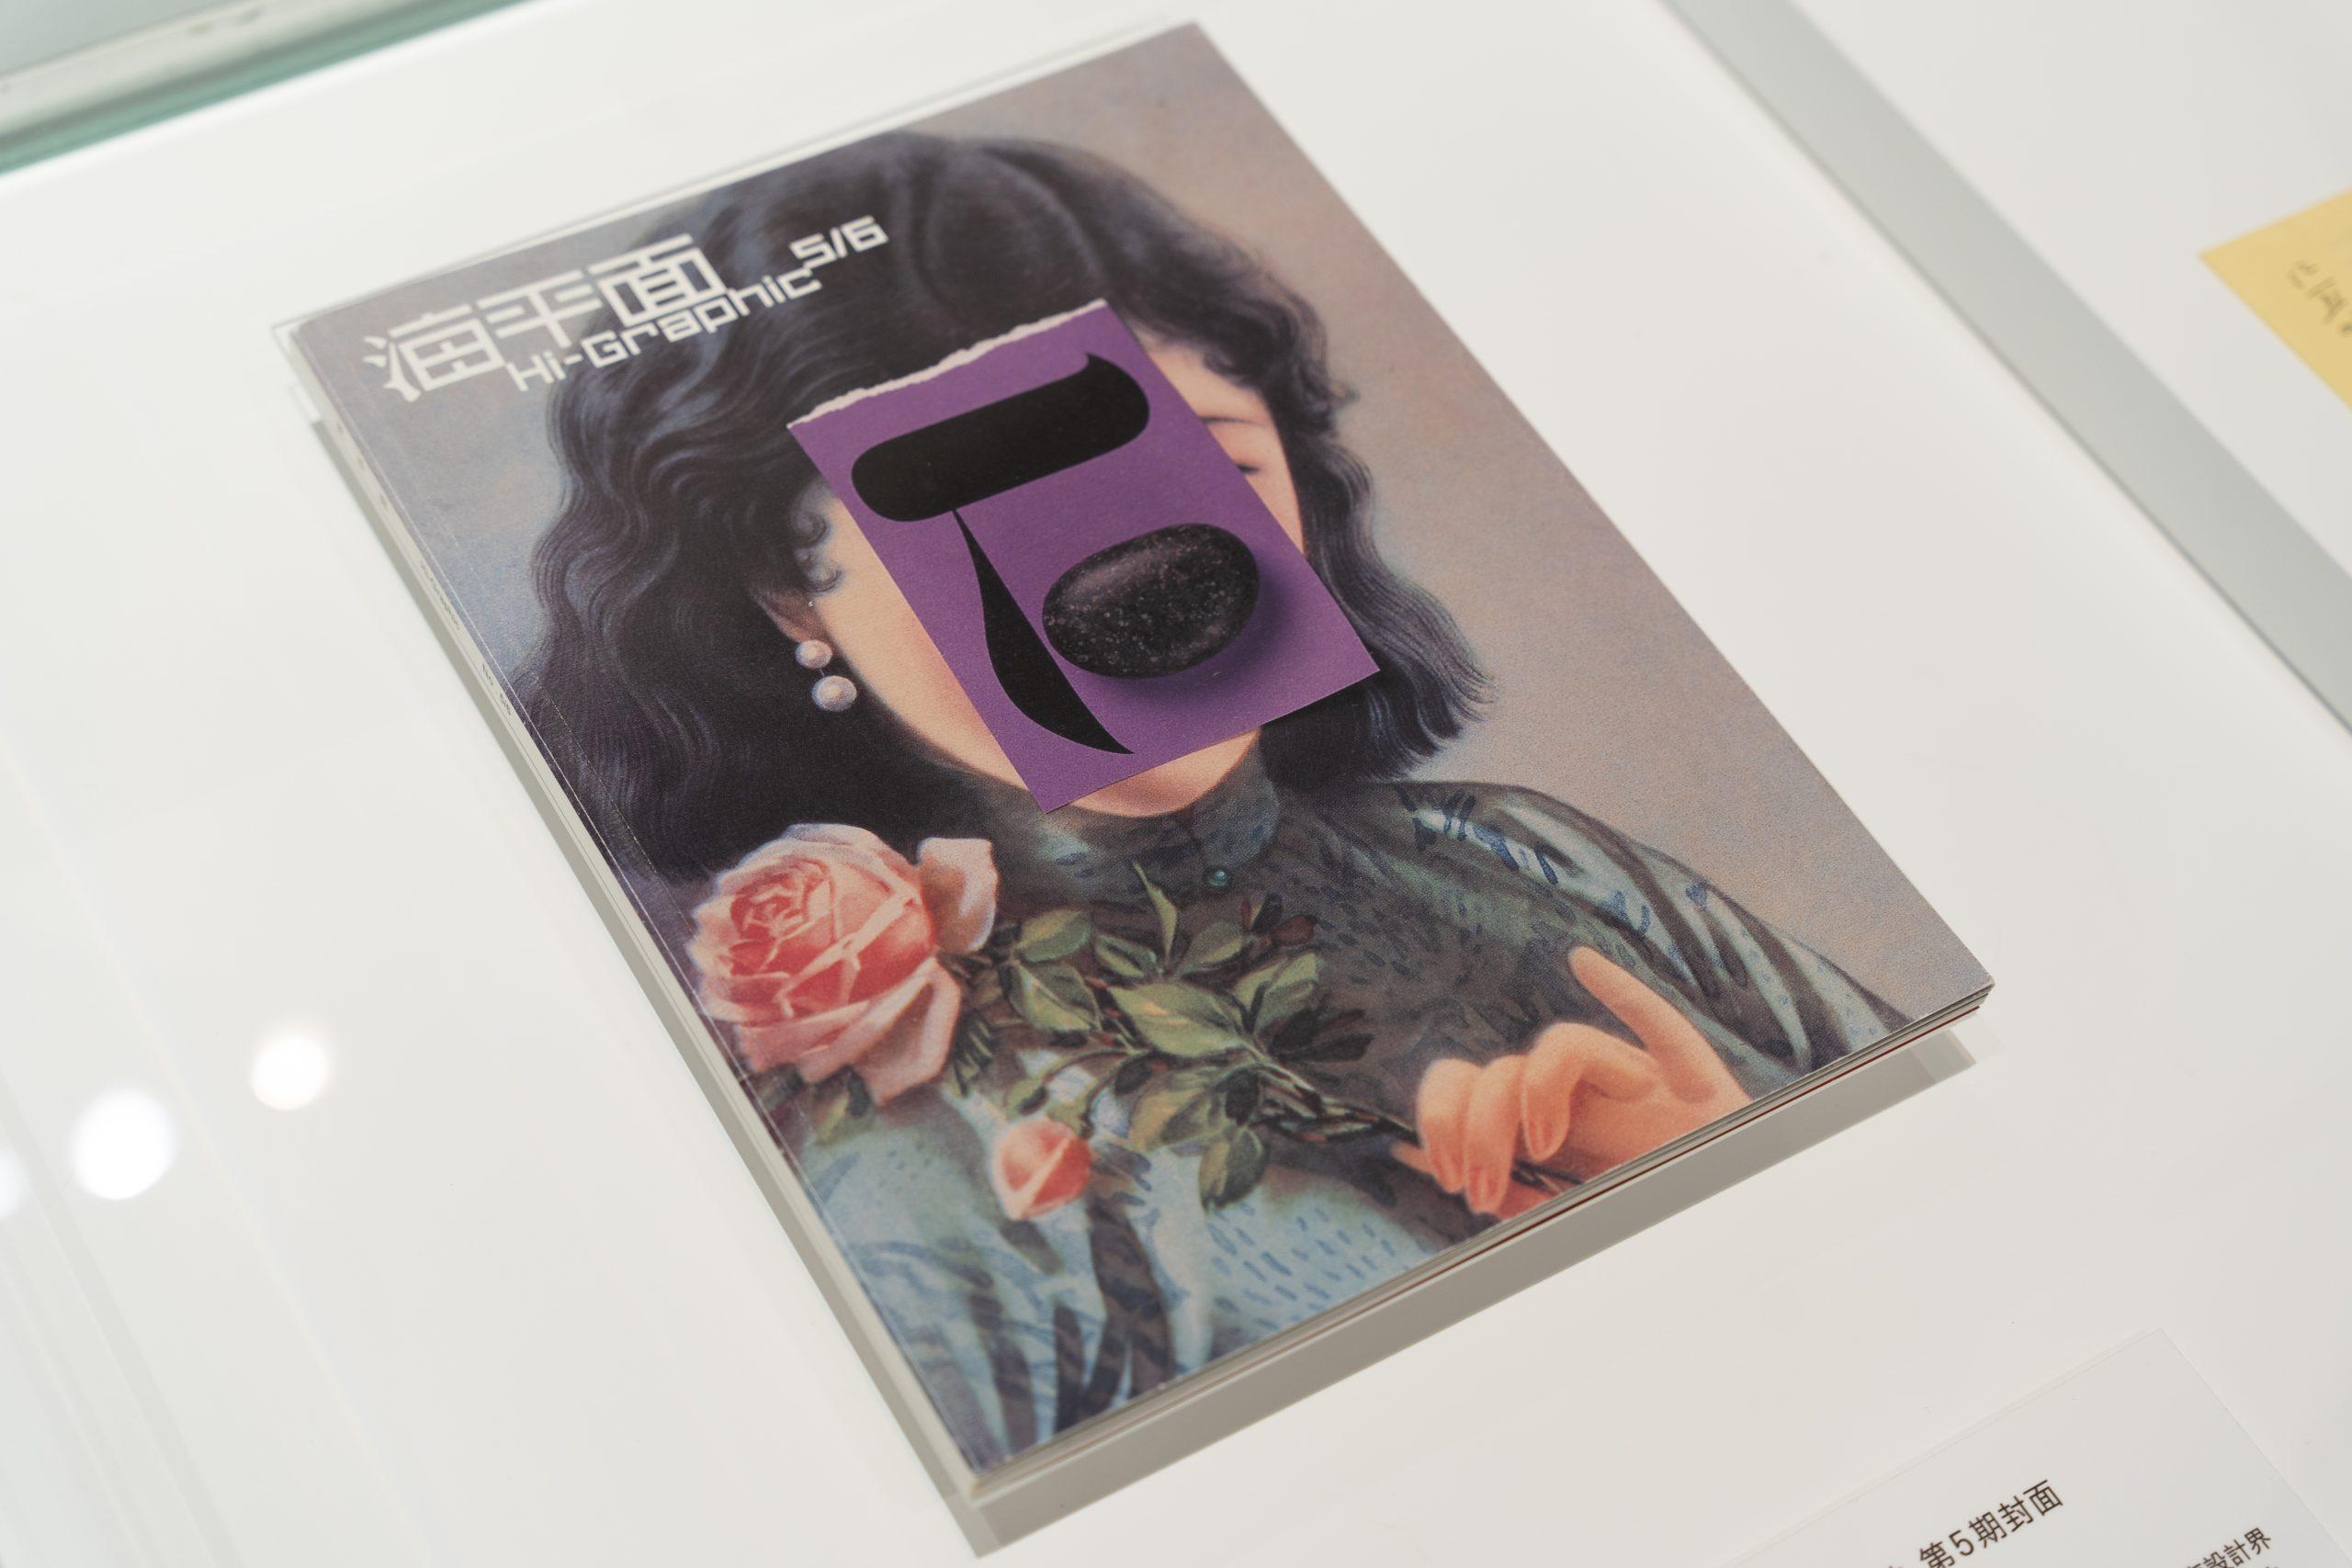 老香港設計展覽 石漢瑞 海平面 雜誌封面 石